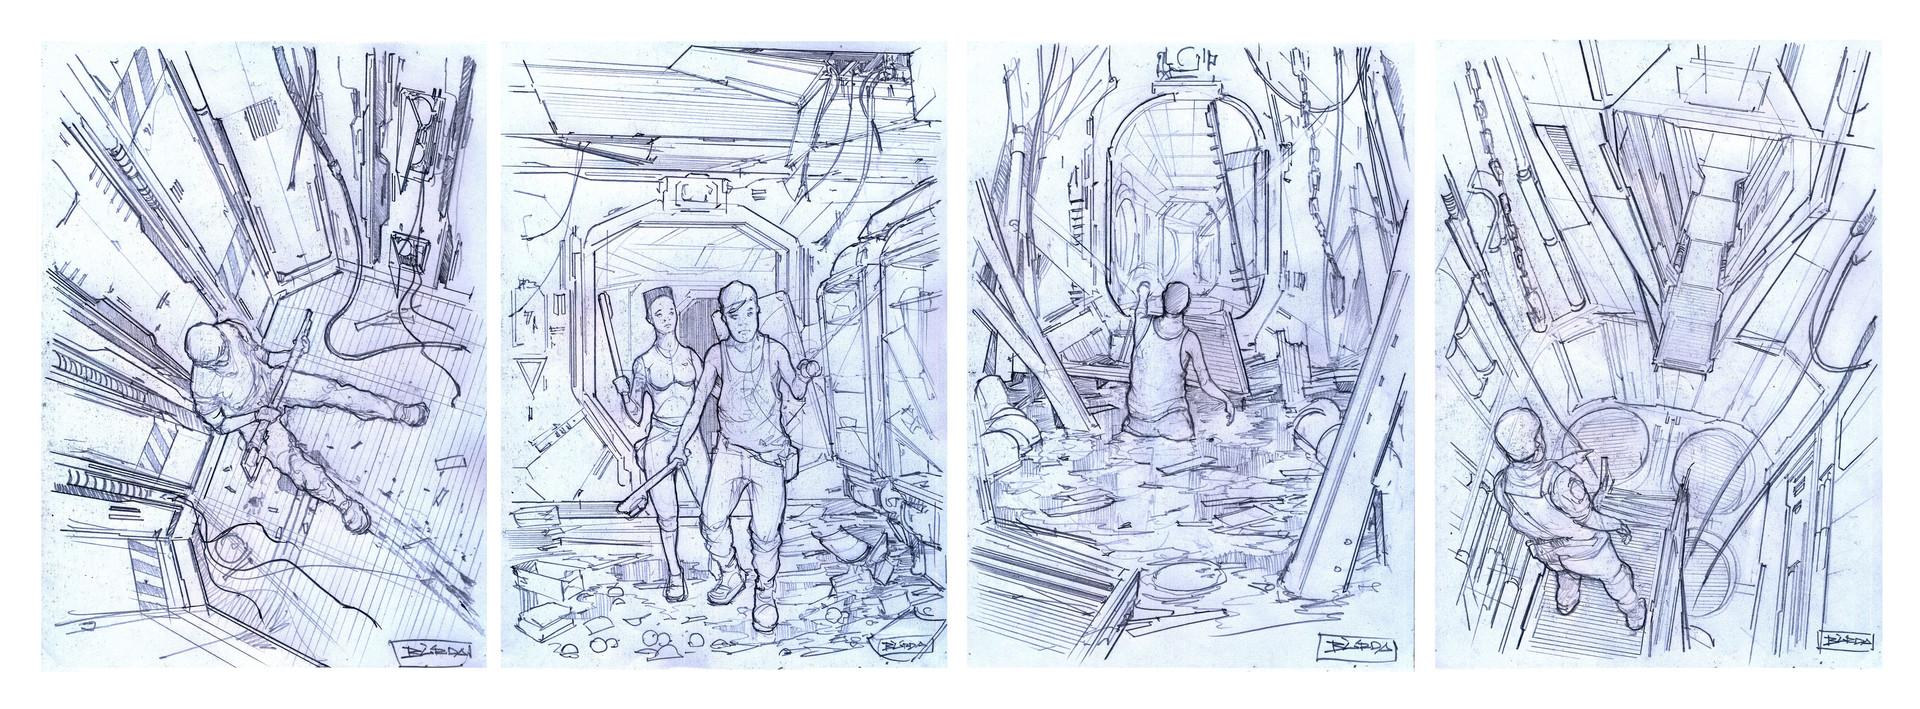 Alejandro burdisio bocetos varios exile1